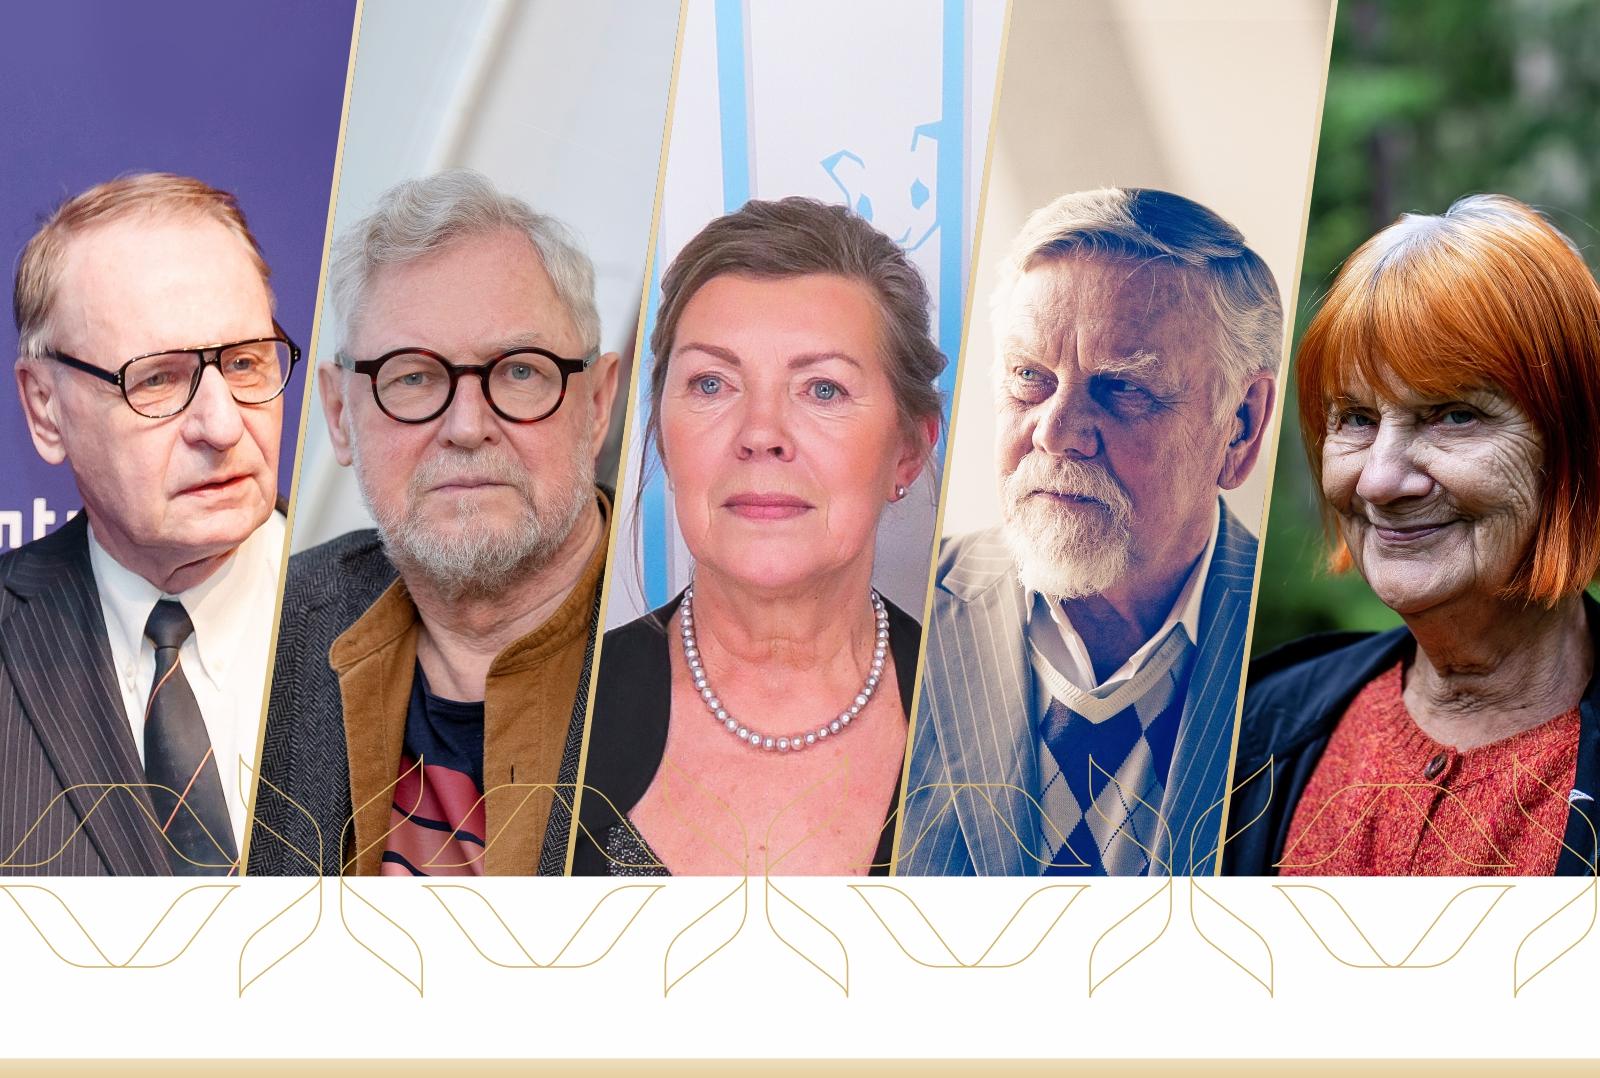 Gunnar Paal, Õnne Pollisinski, Tiit Pääsuke, Enn Säde, Eha Komissarov